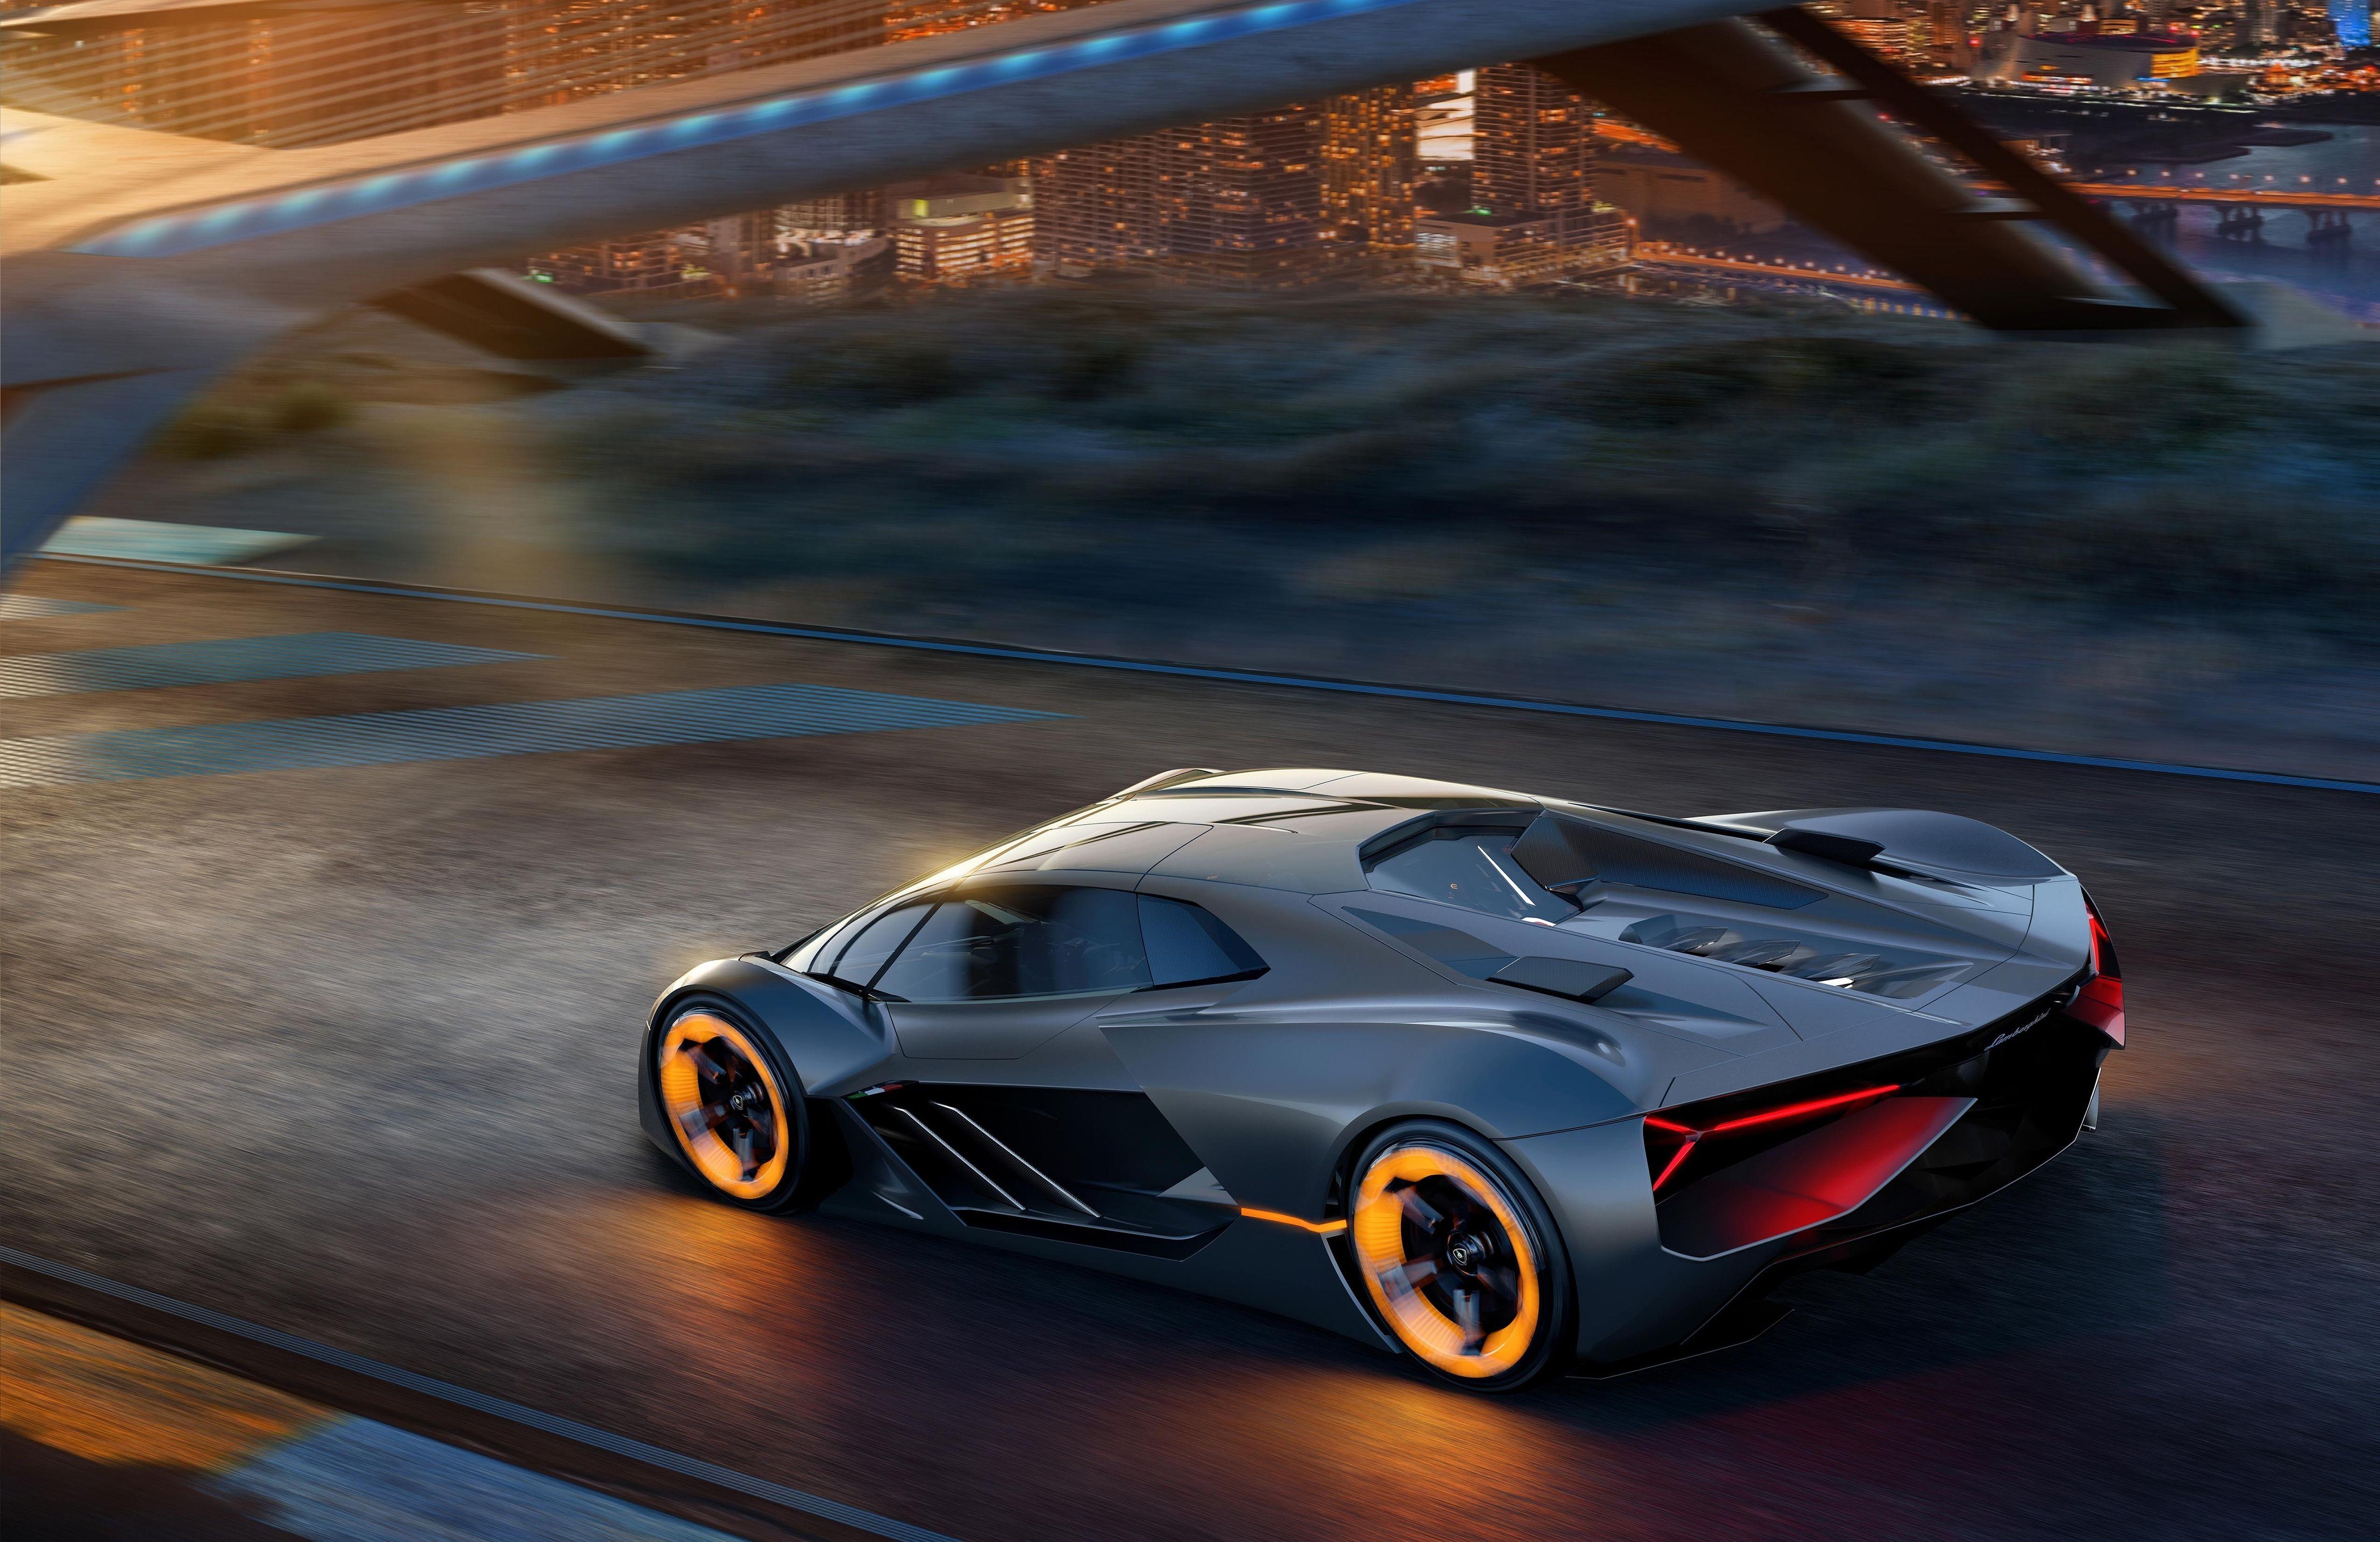 The Lamborghini Terzo Millennio Is A Wild Electric Hypercar For The Future Super Sport Cars All Electric Cars Lamborghini Cars